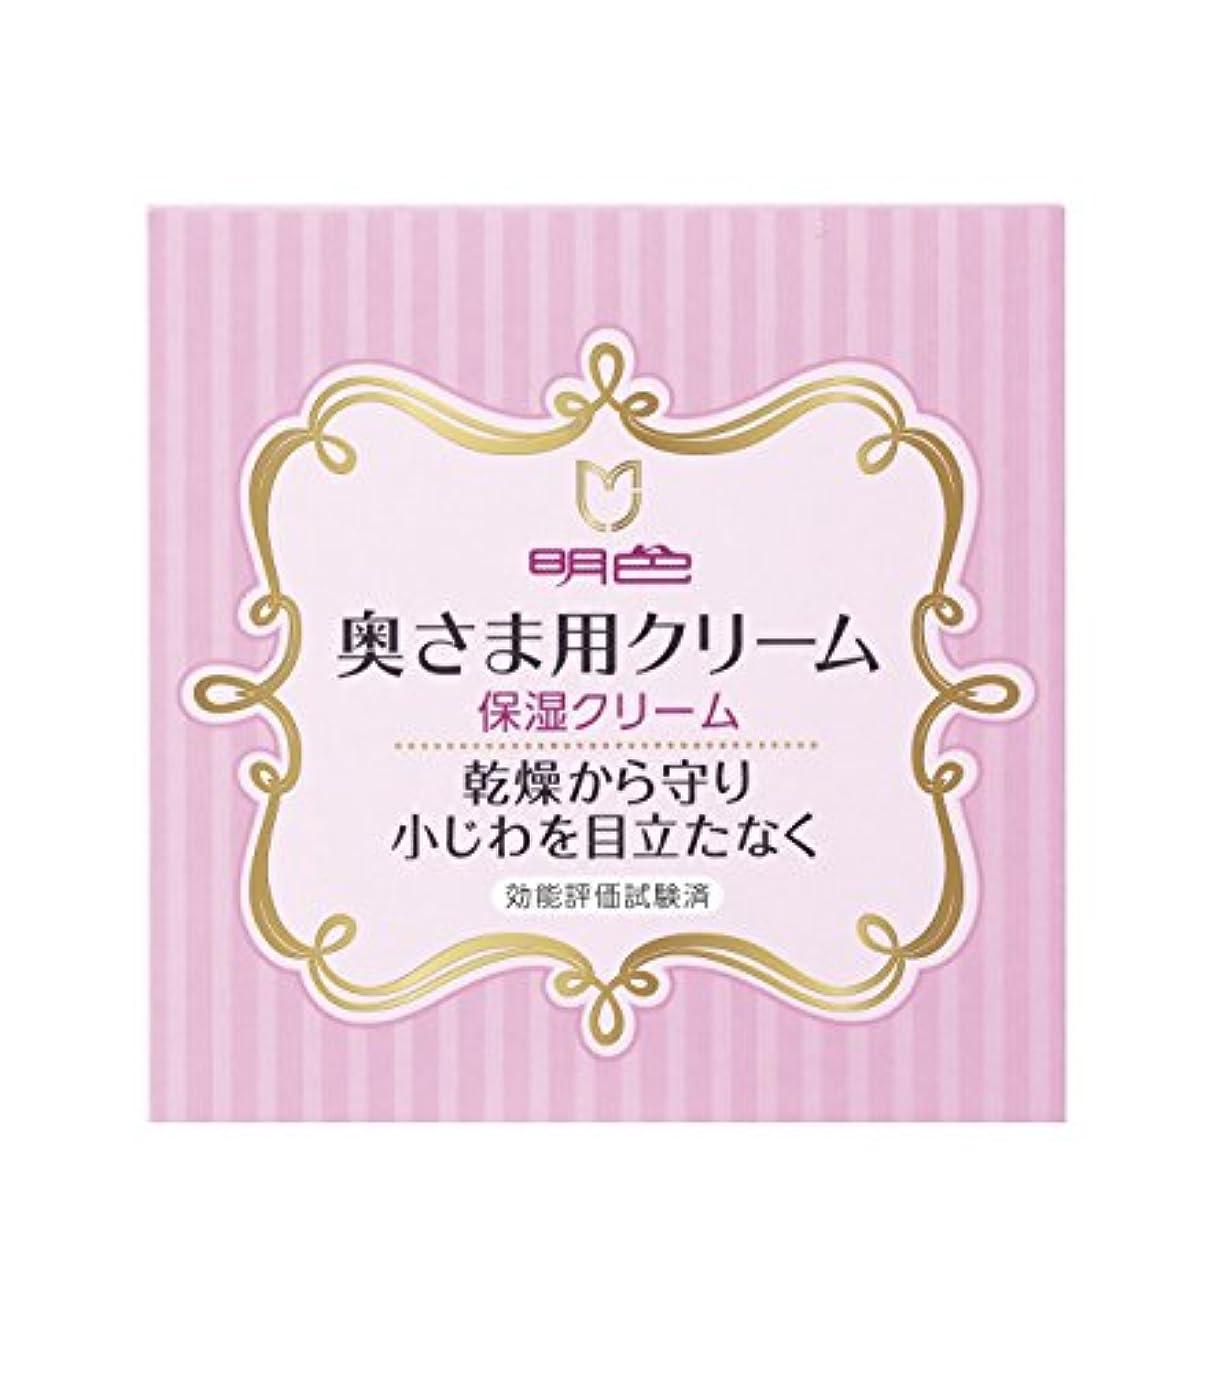 別れる正午離婚明色シリーズ 奥さま用クリーム 60g (日本製)